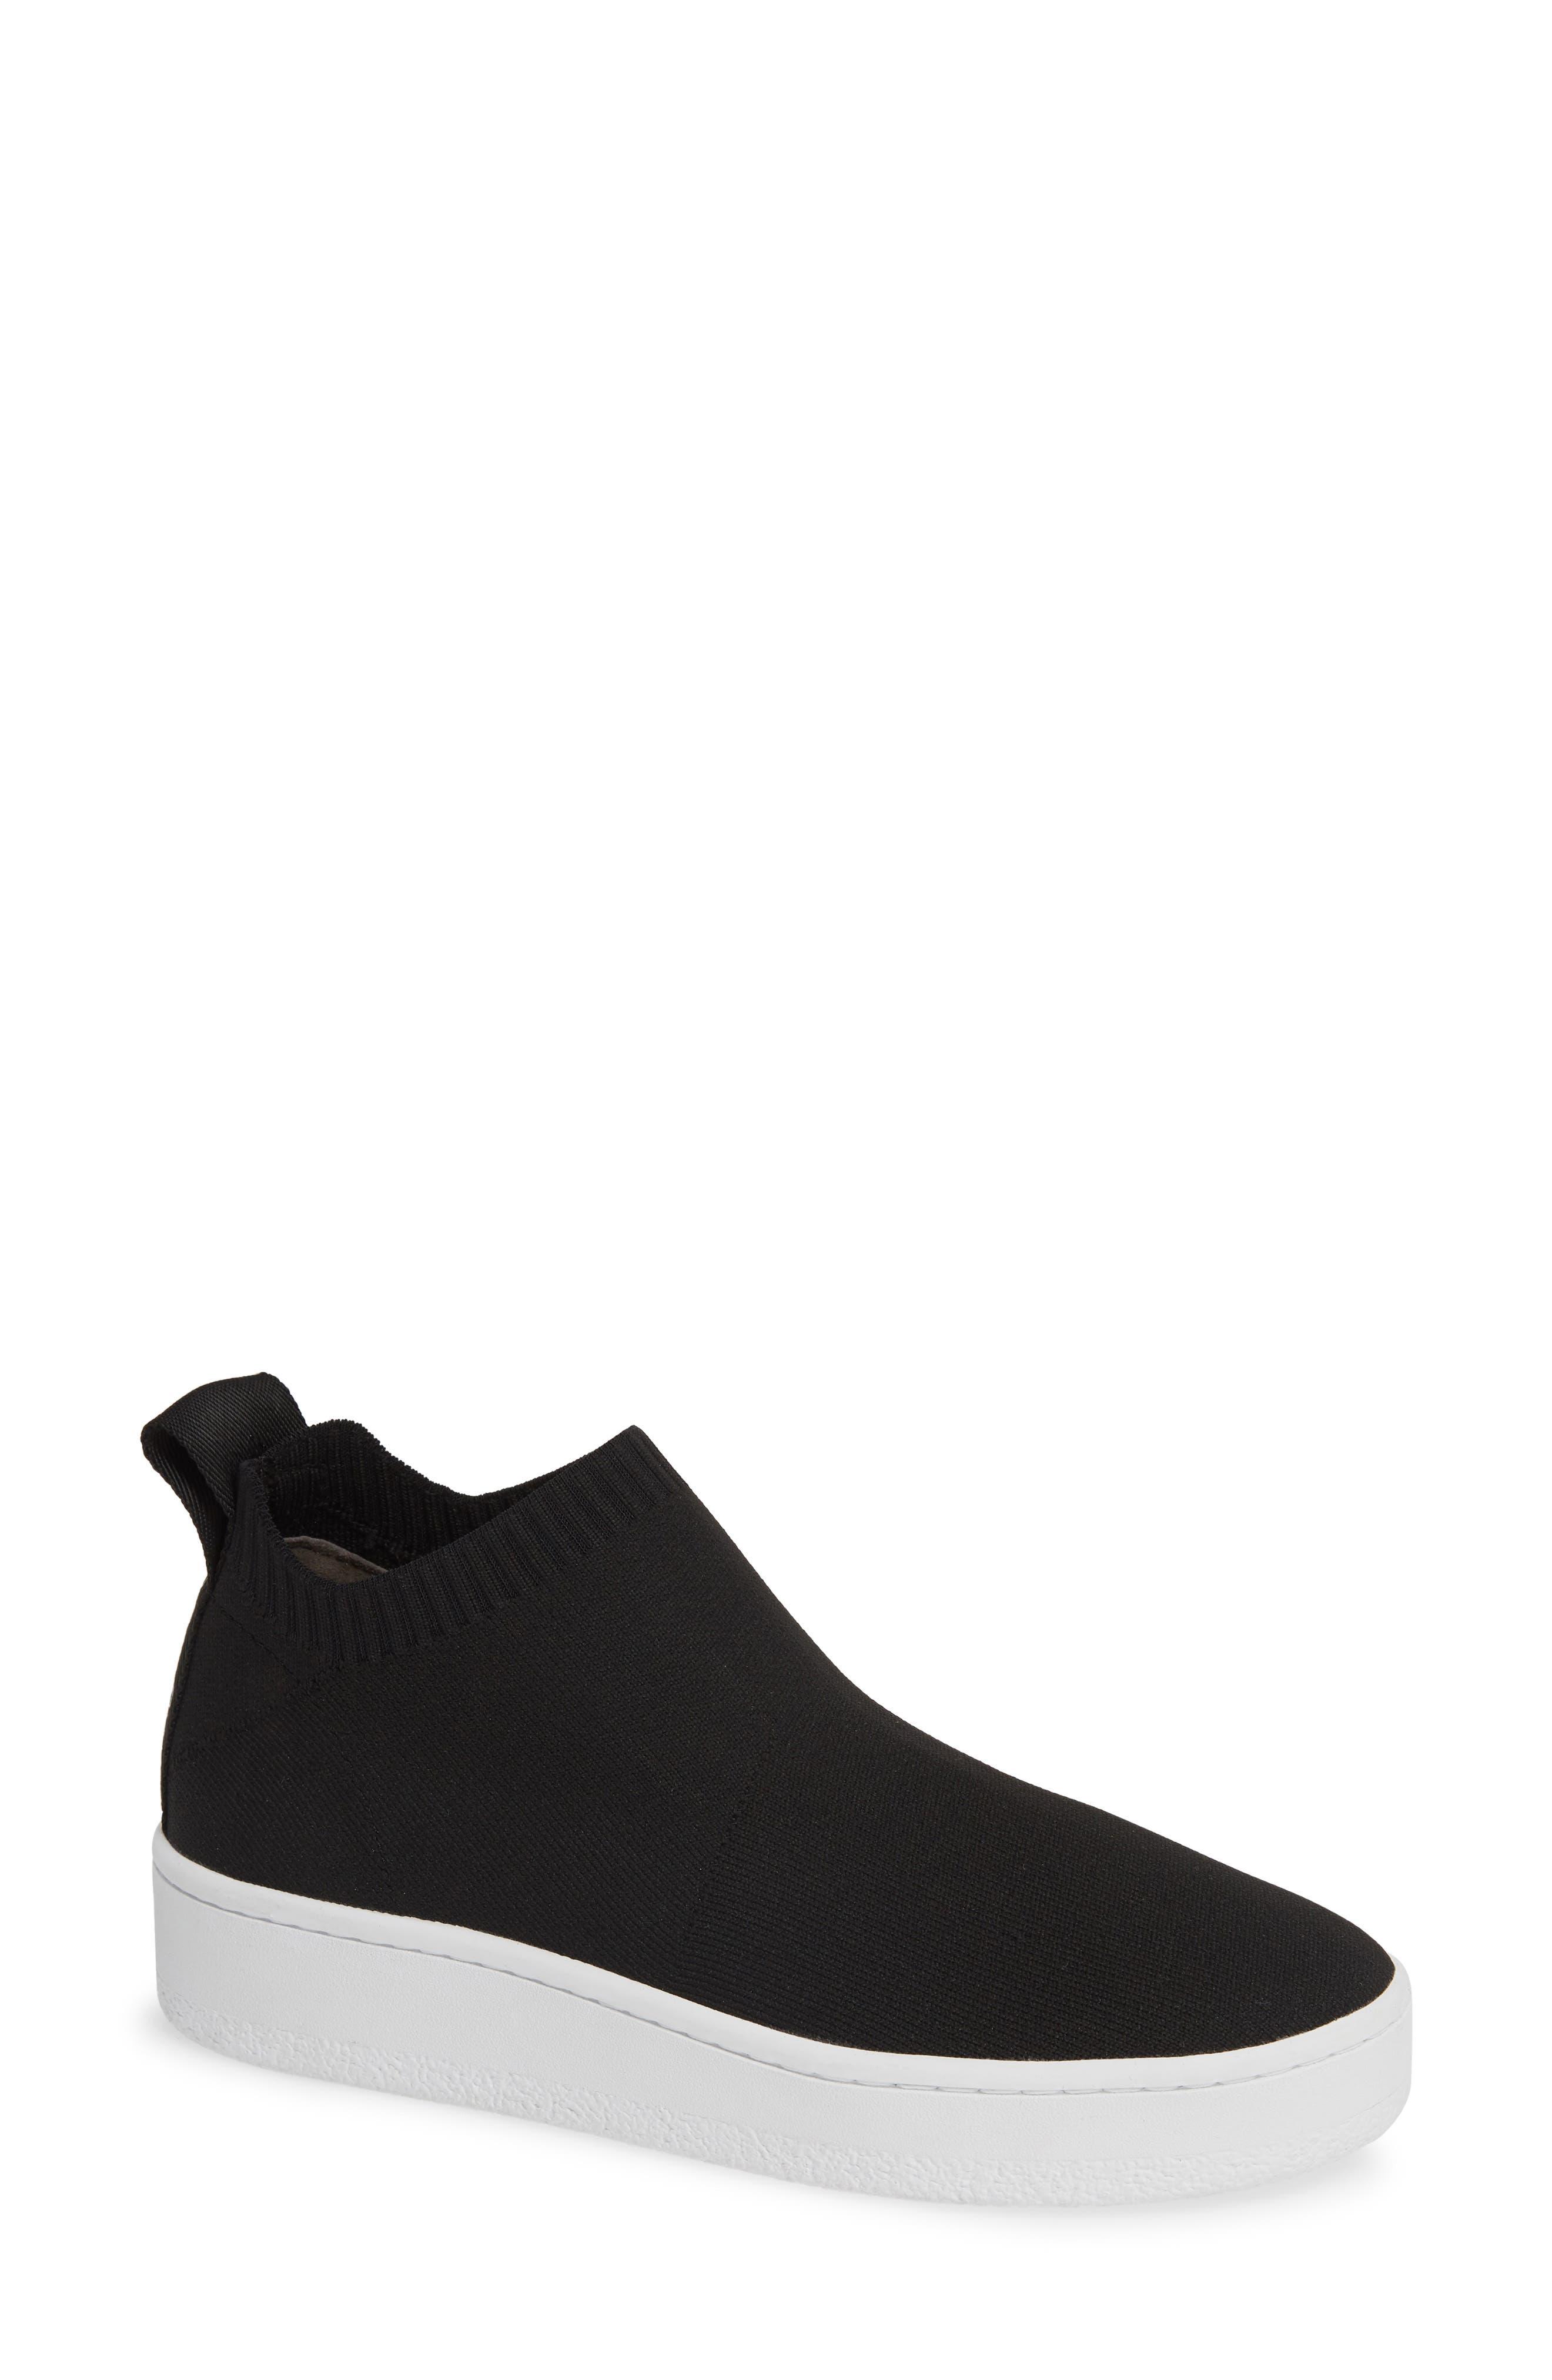 Orion Platform Sneaker,                             Main thumbnail 1, color,                             001